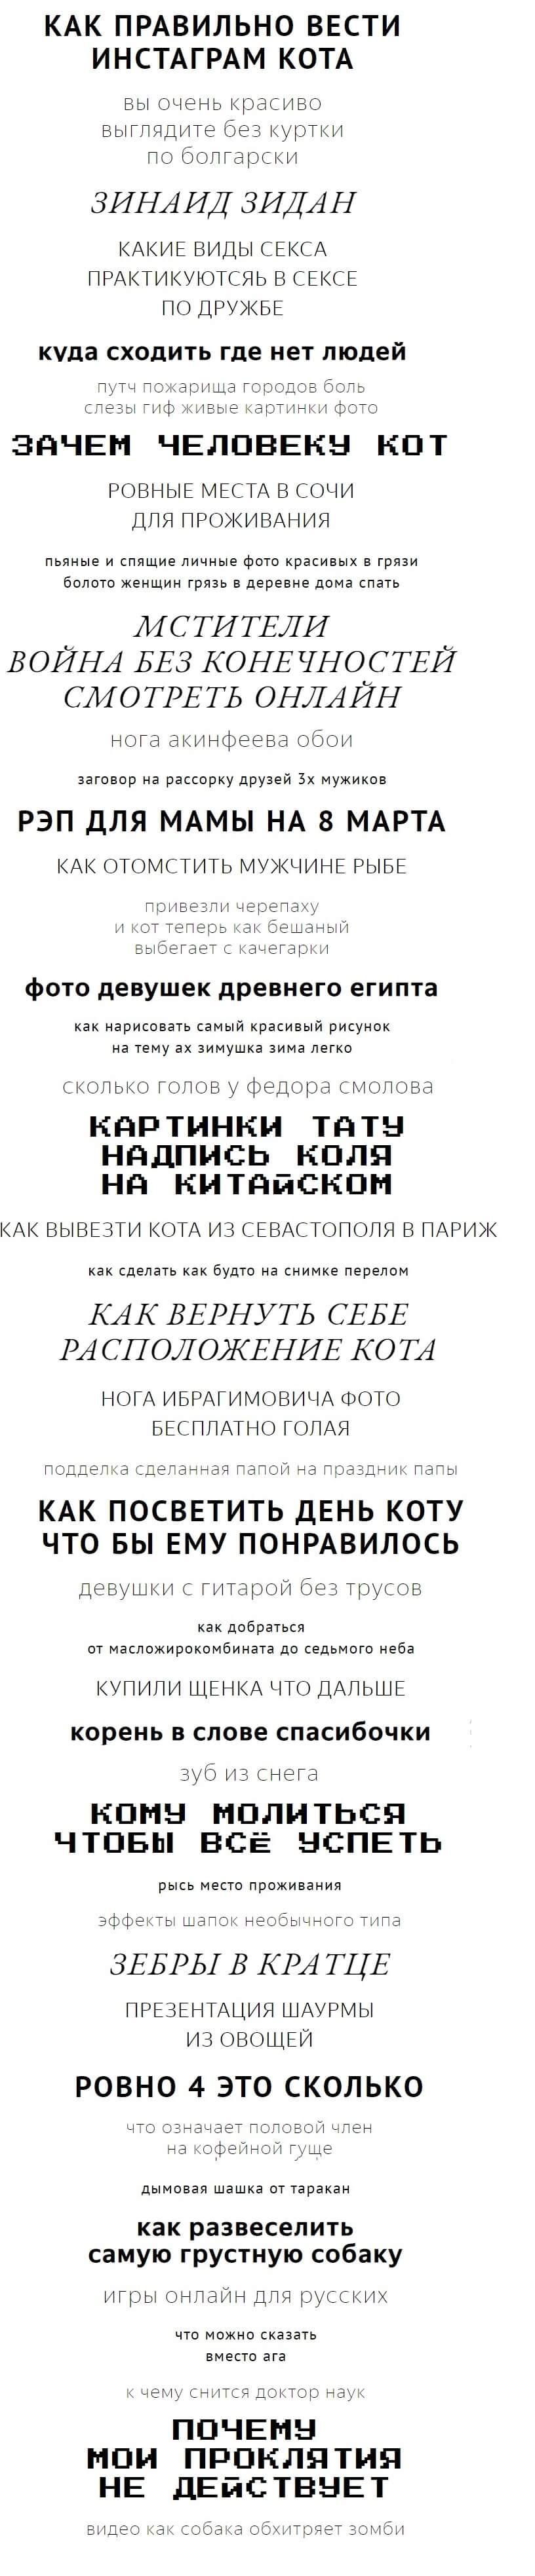 Смешные запросы от Яндекса